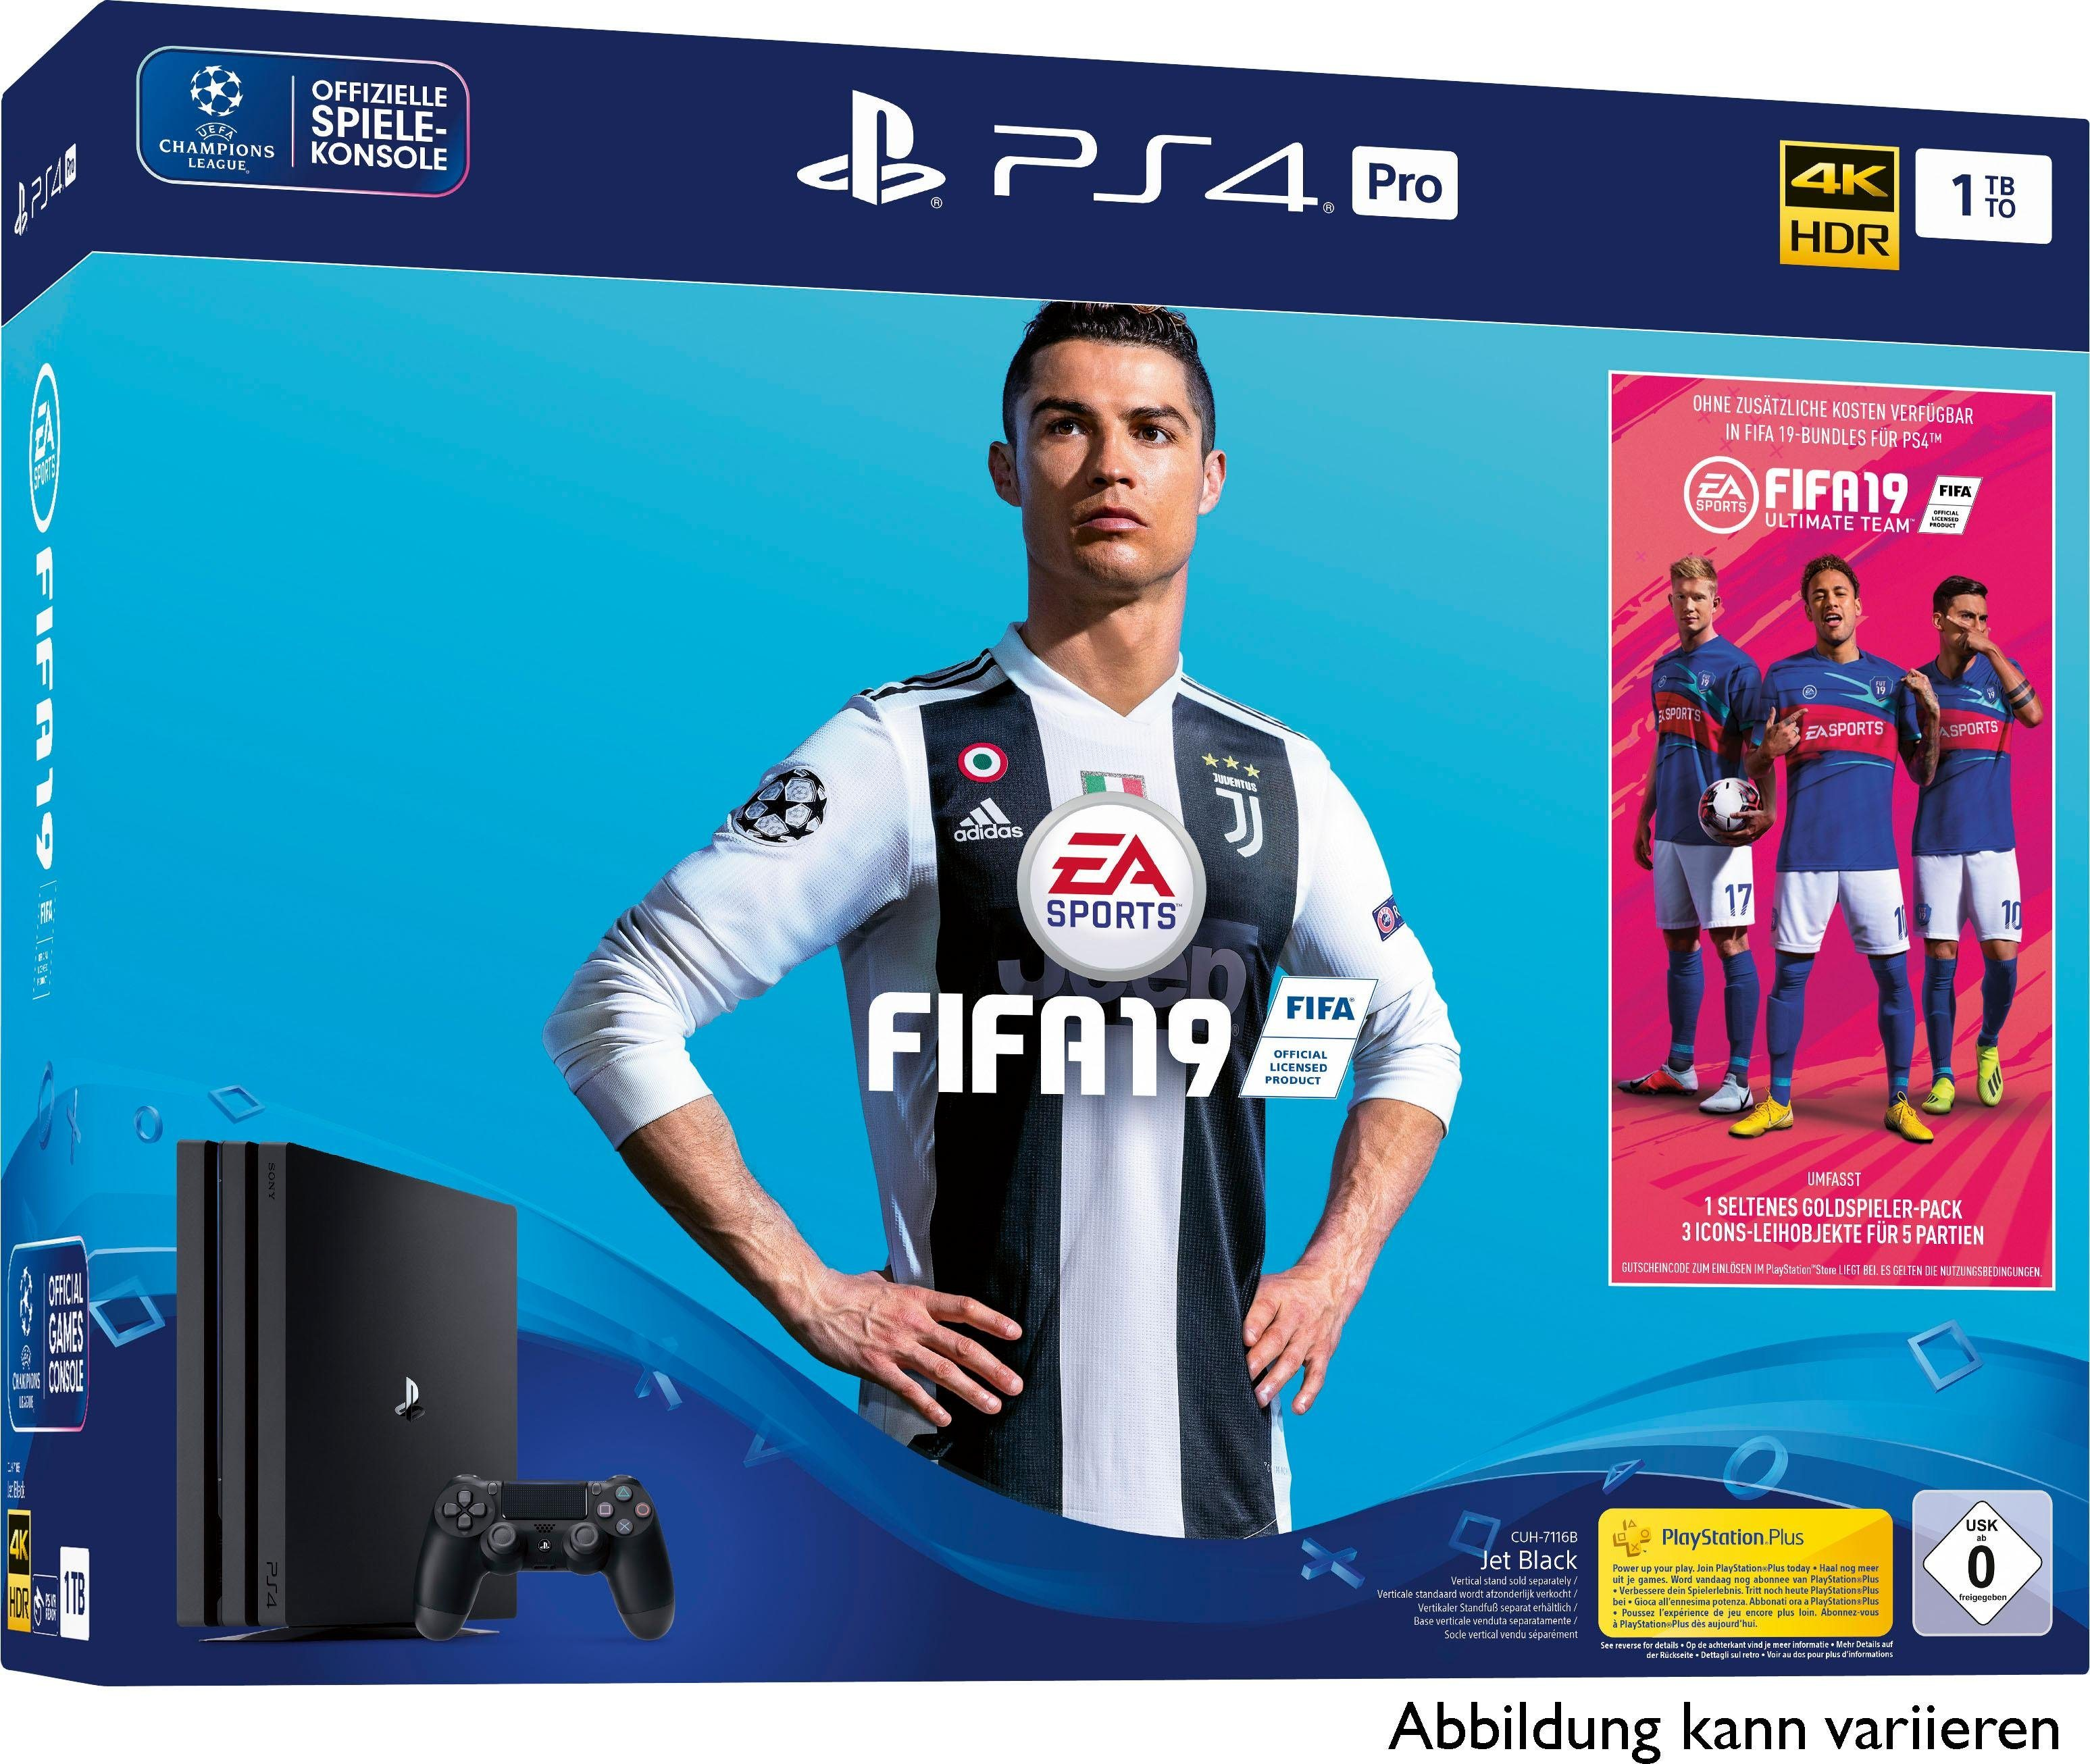 Pro 1TB (Set), inkl. FIFA 19